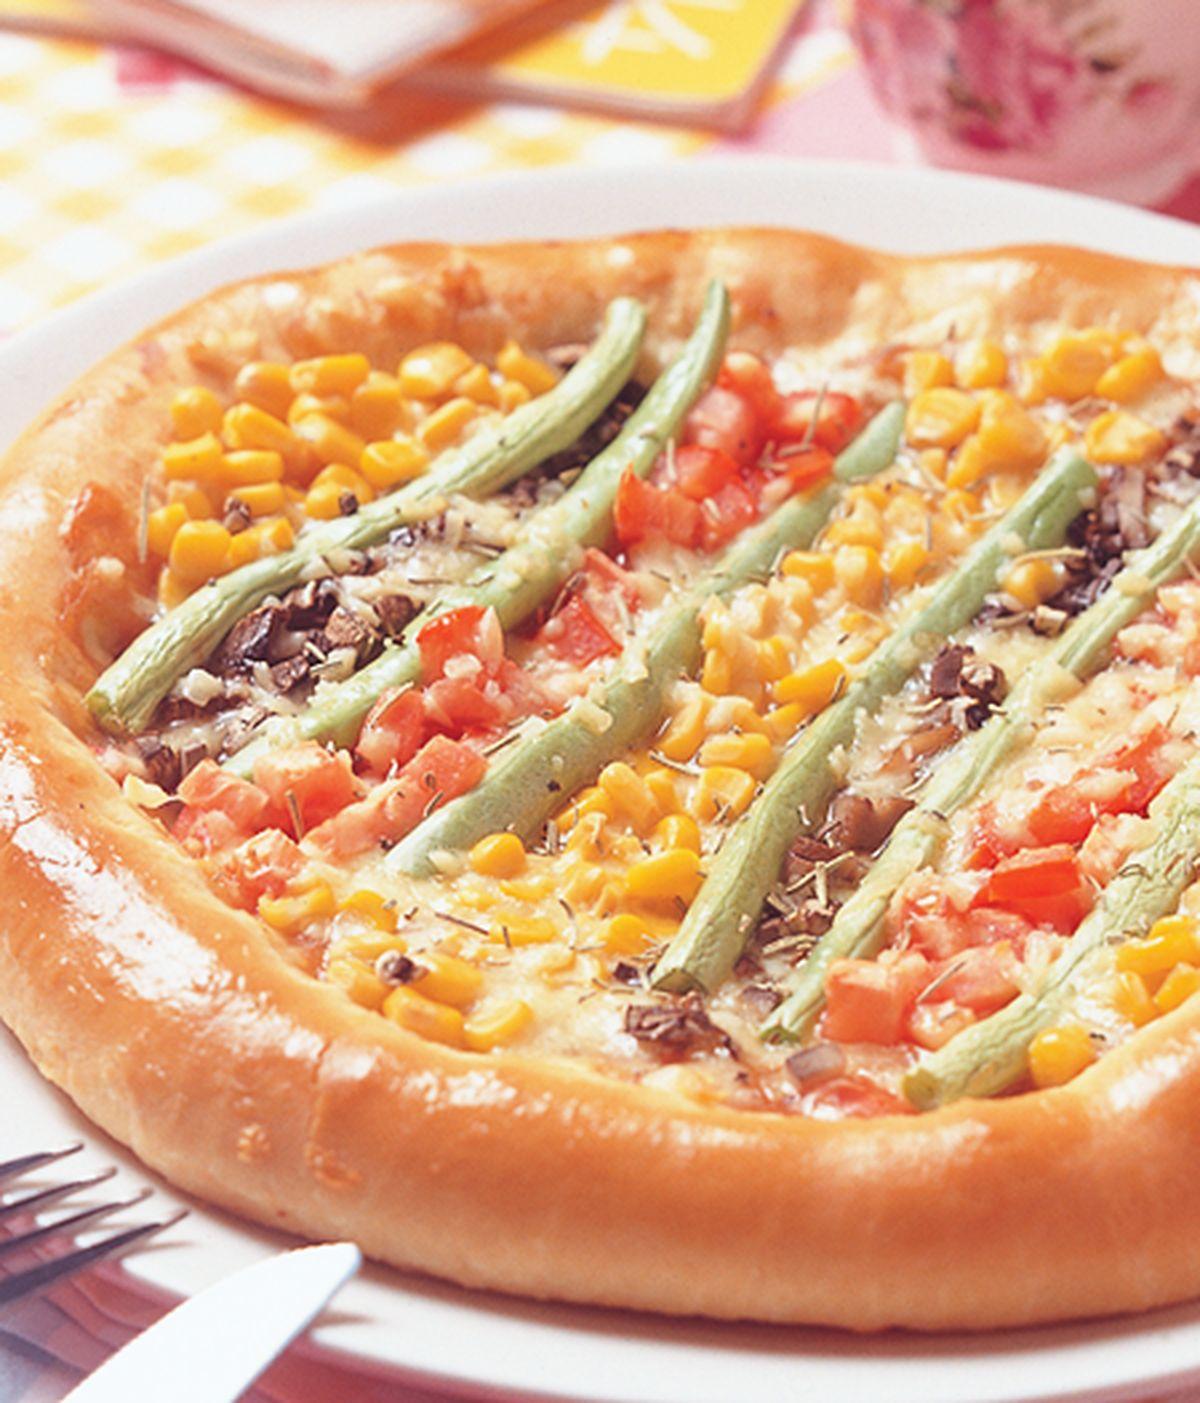 食譜:蕃茄蔬菜披薩